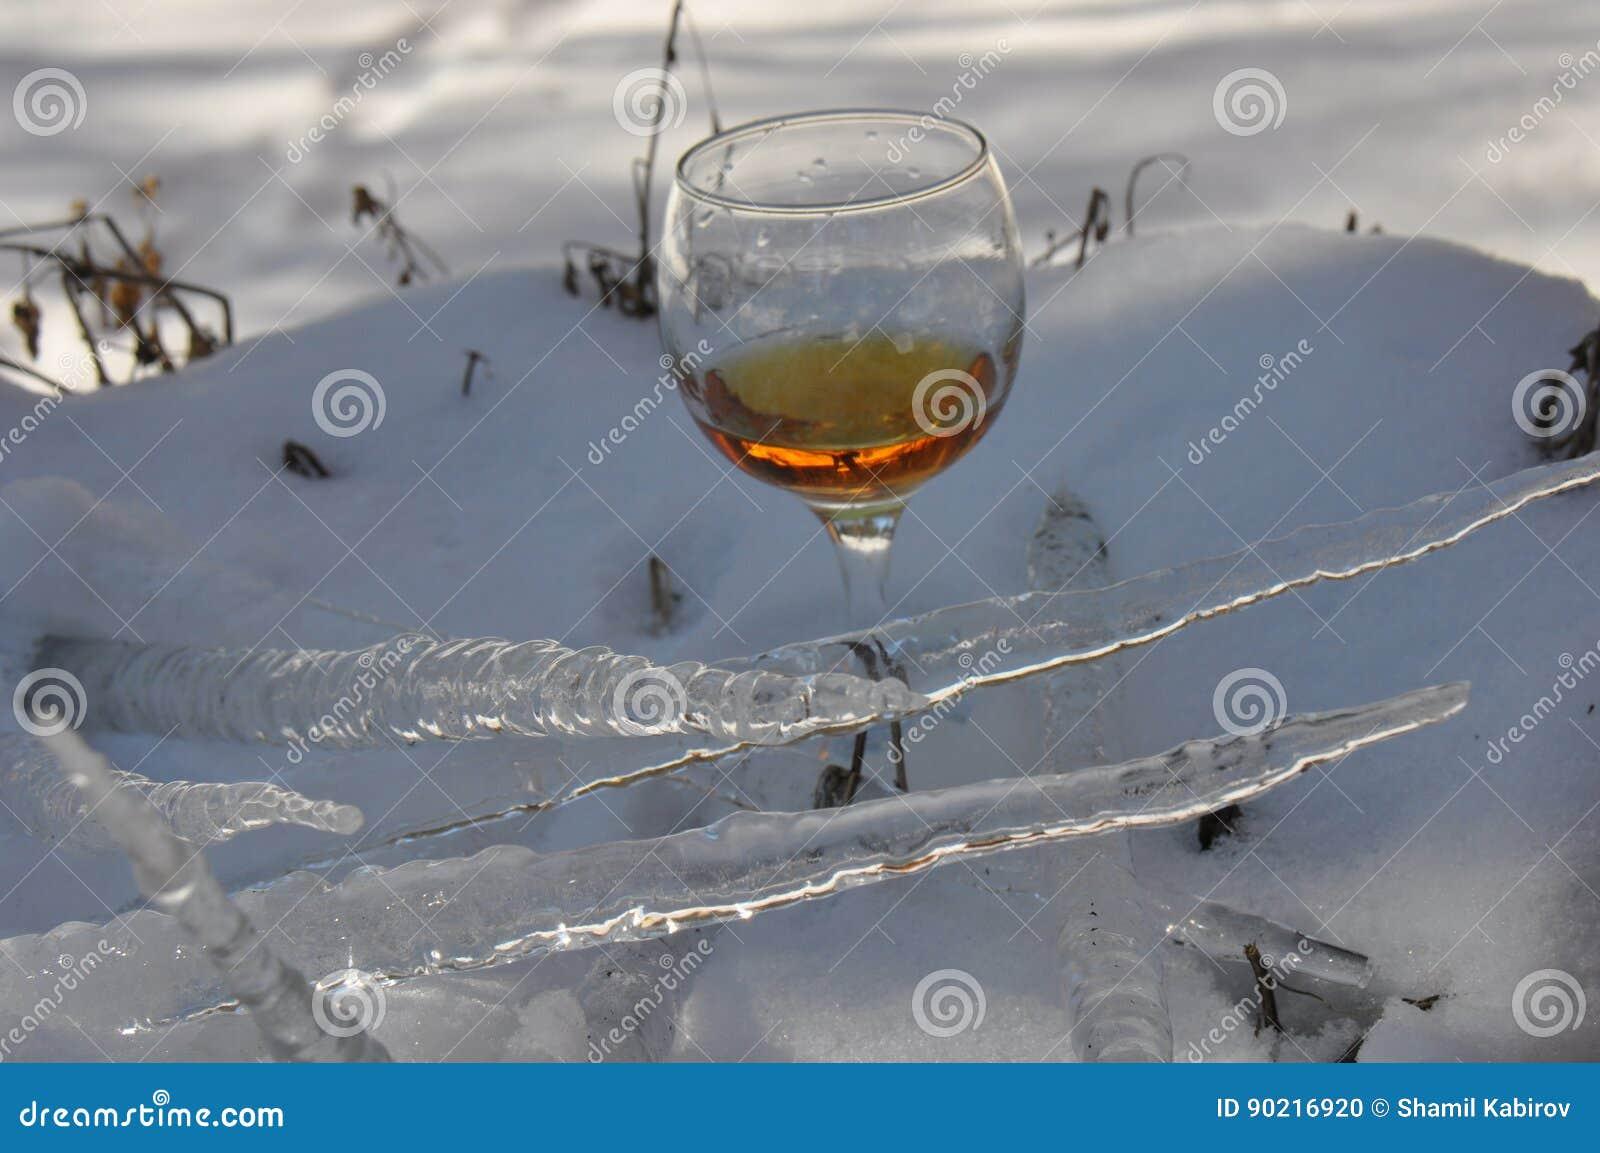 ein glas wein im schnee stockfoto bild von nave wein. Black Bedroom Furniture Sets. Home Design Ideas